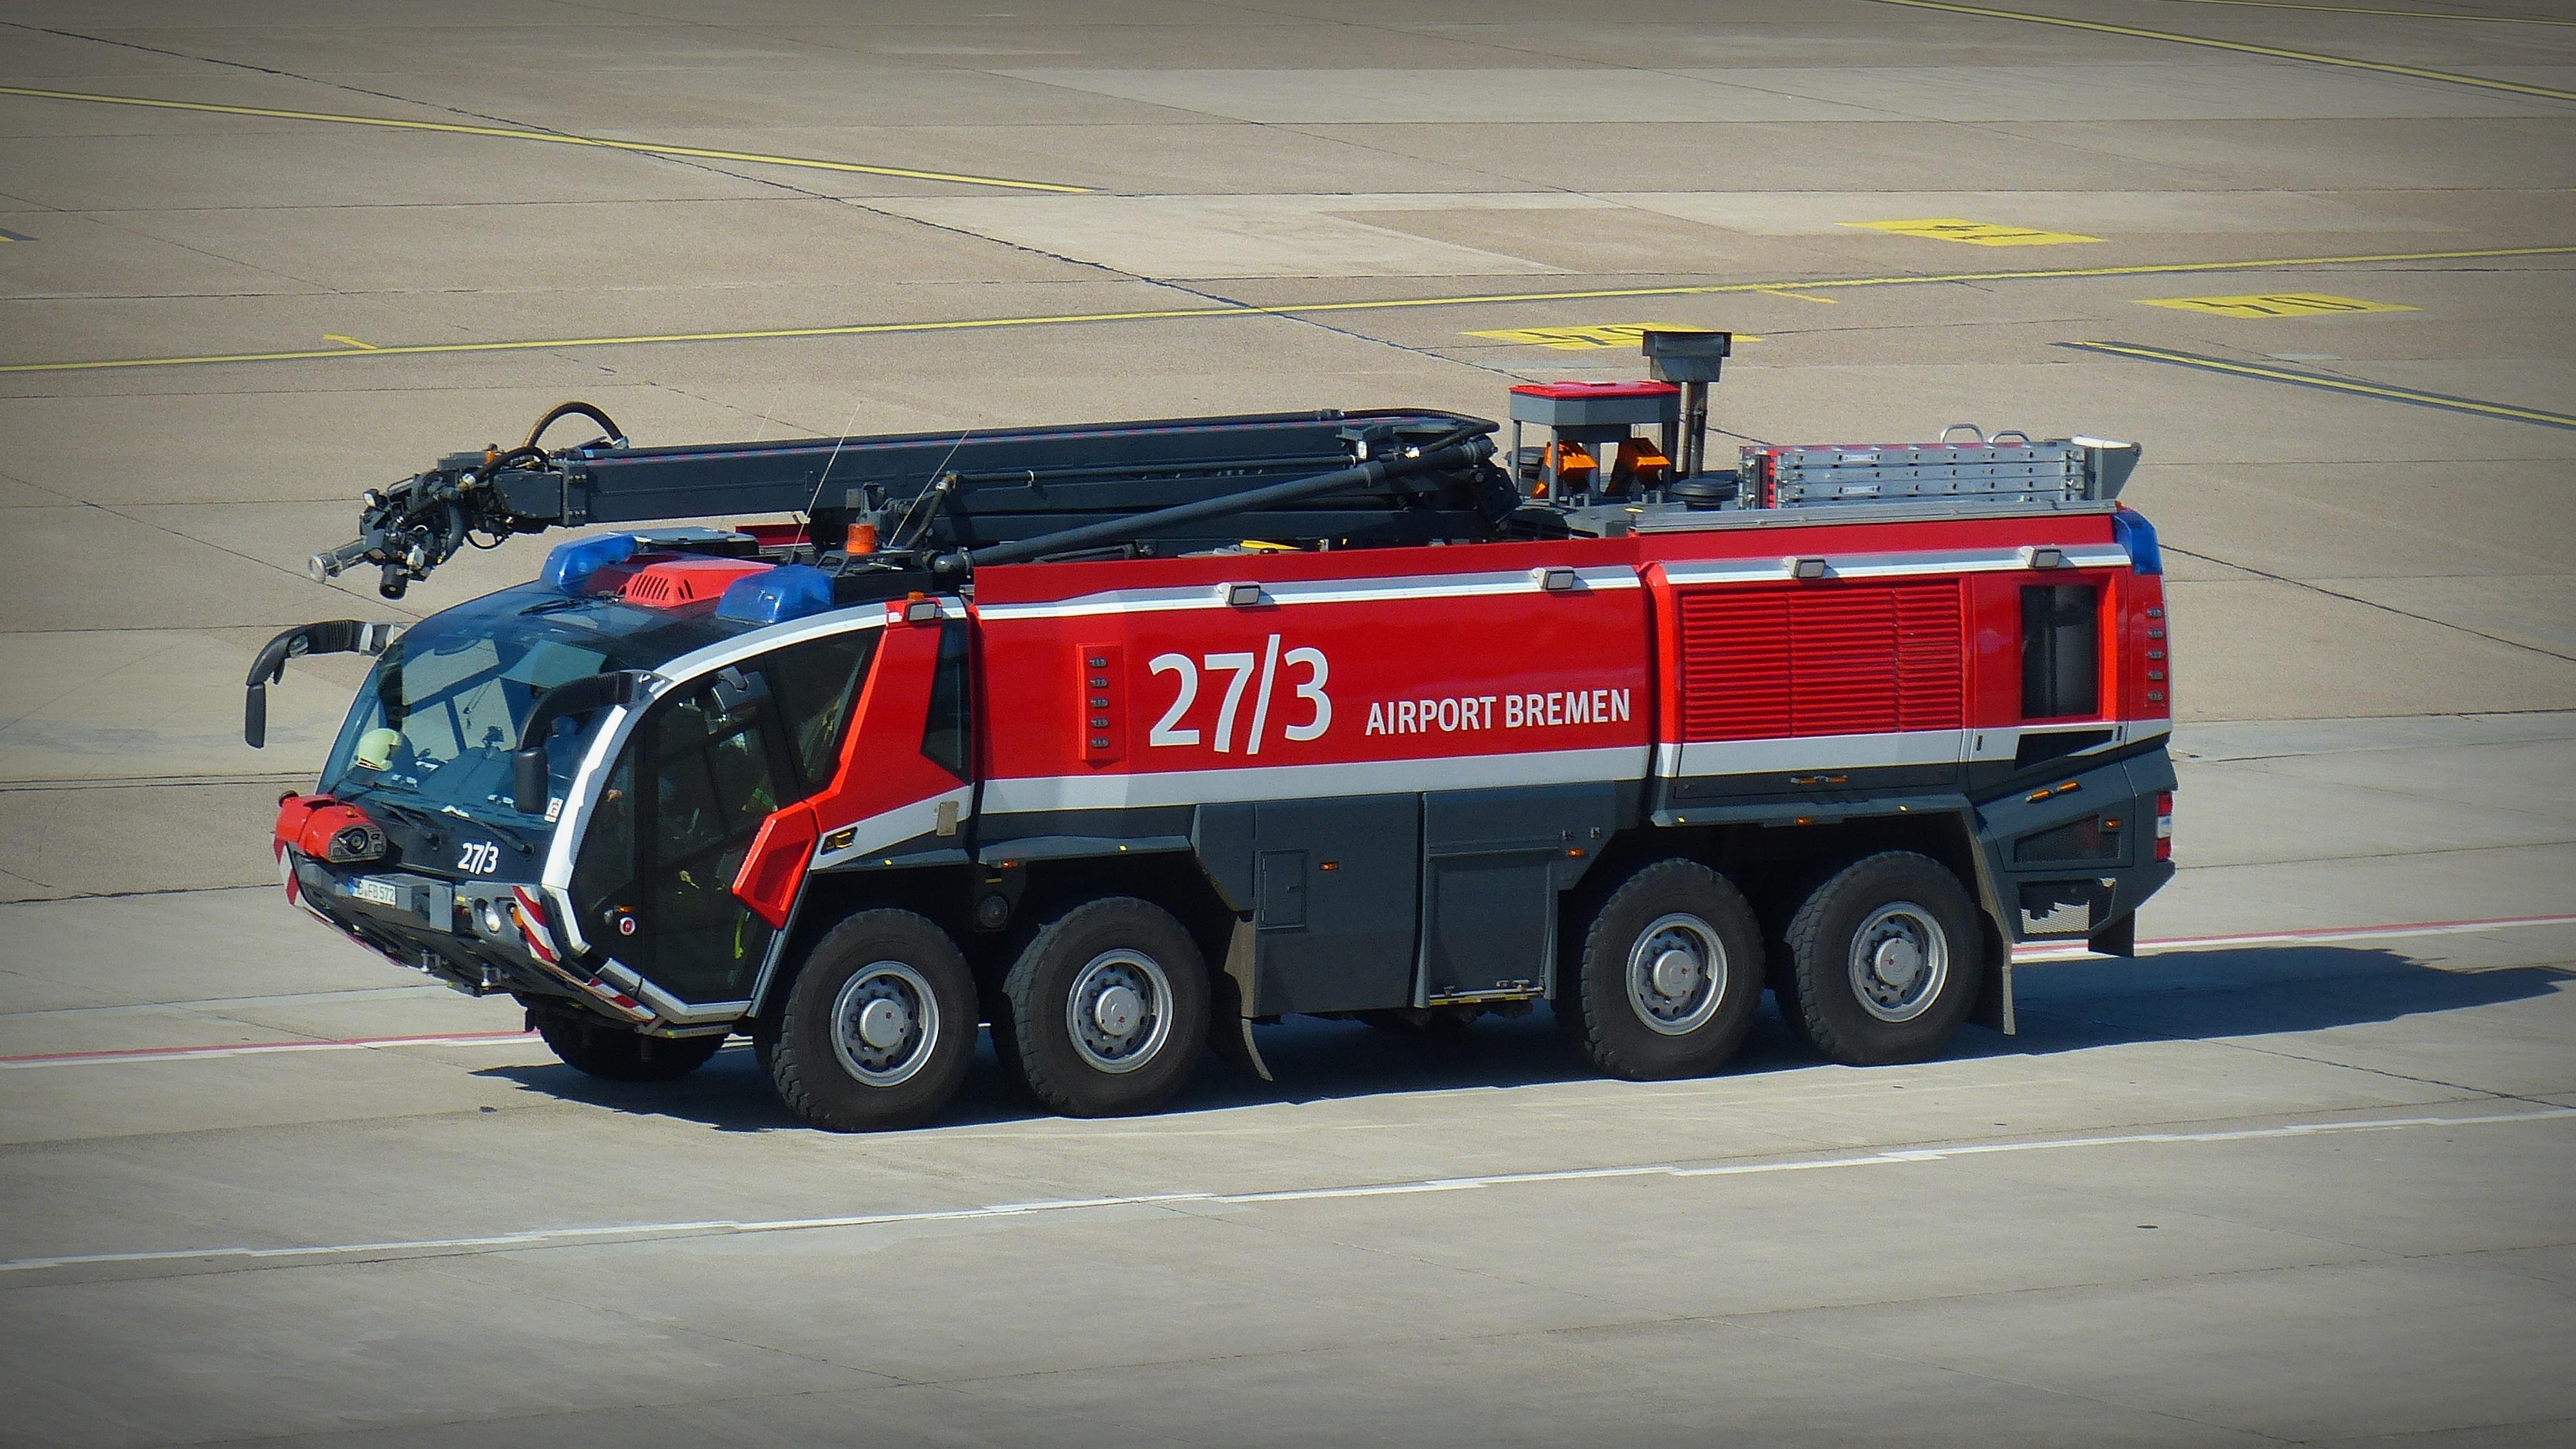 Fotoğraf Araba Havalimanı Nakliye Kamyon Araç Ateş Güvenlik